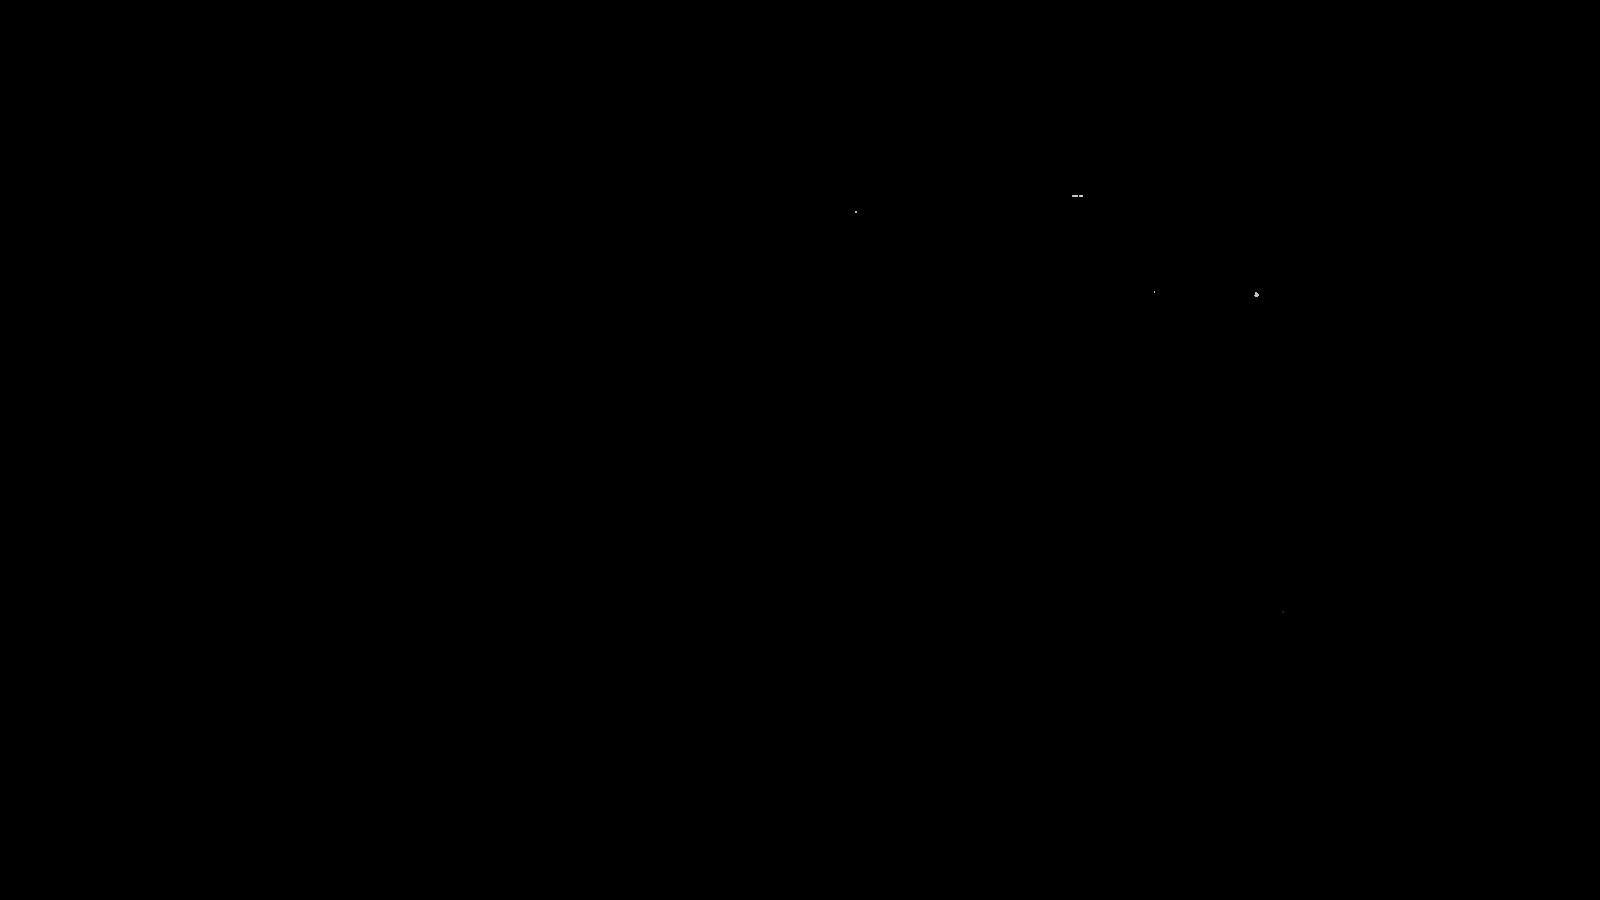 Borrão de tinta 4_fundo preto png